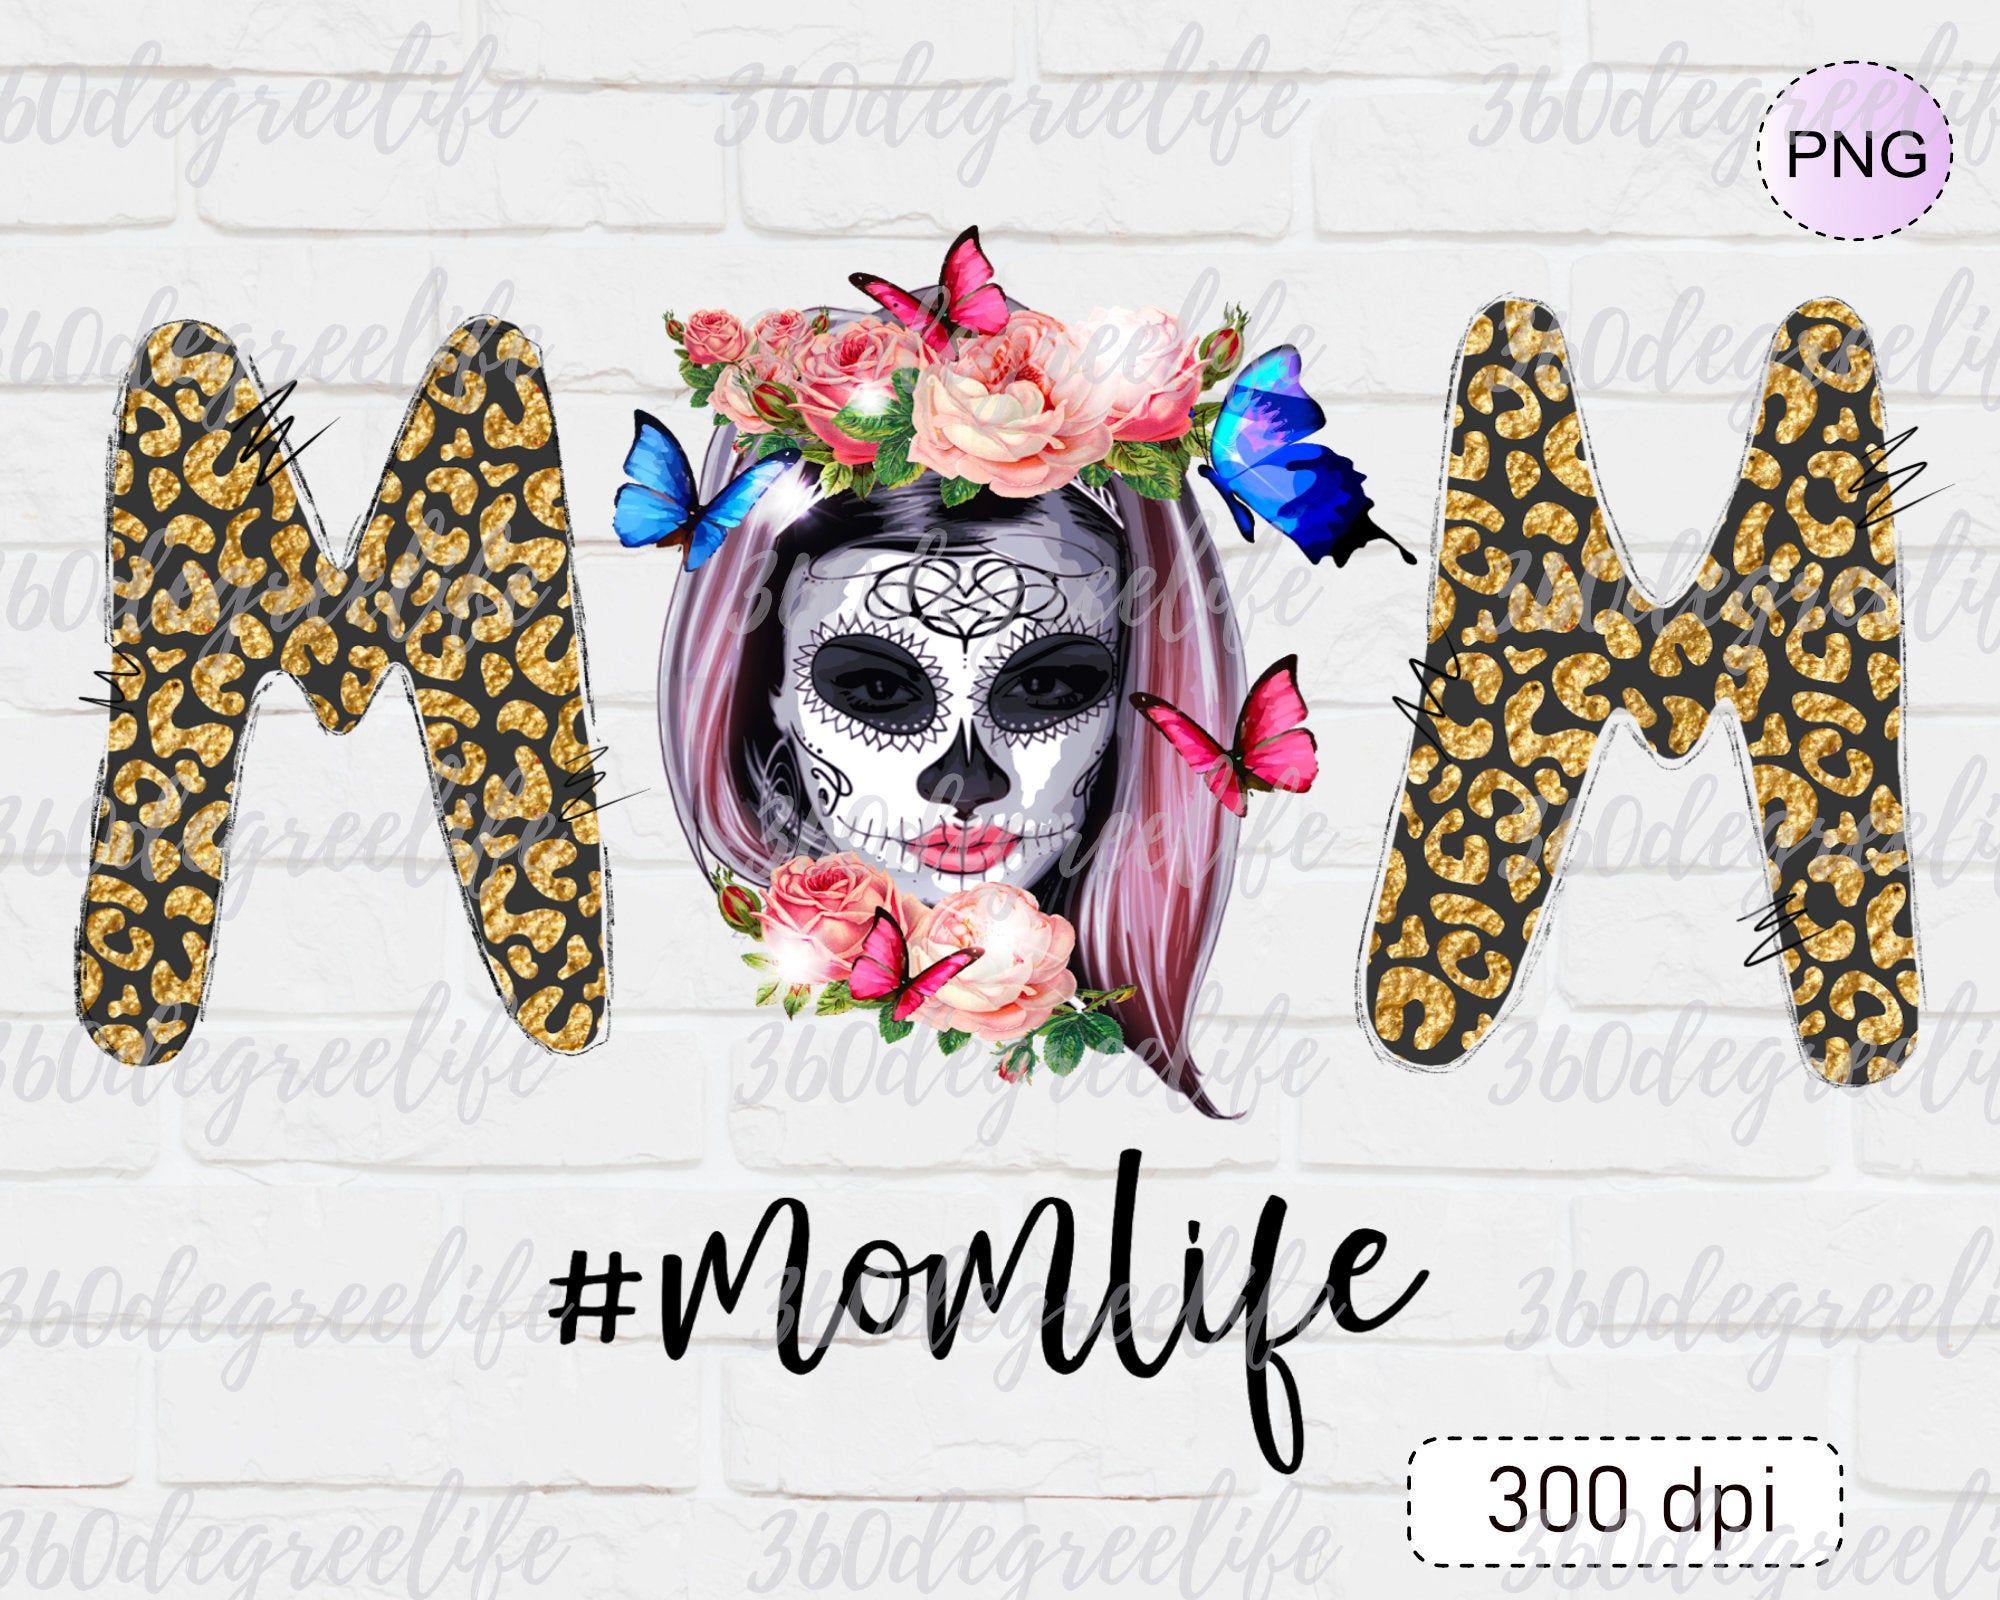 Mom Life Skull Sublimation Downloads Leopard Gold Glitter Etsy Halloween Floral Sublime Floral Design